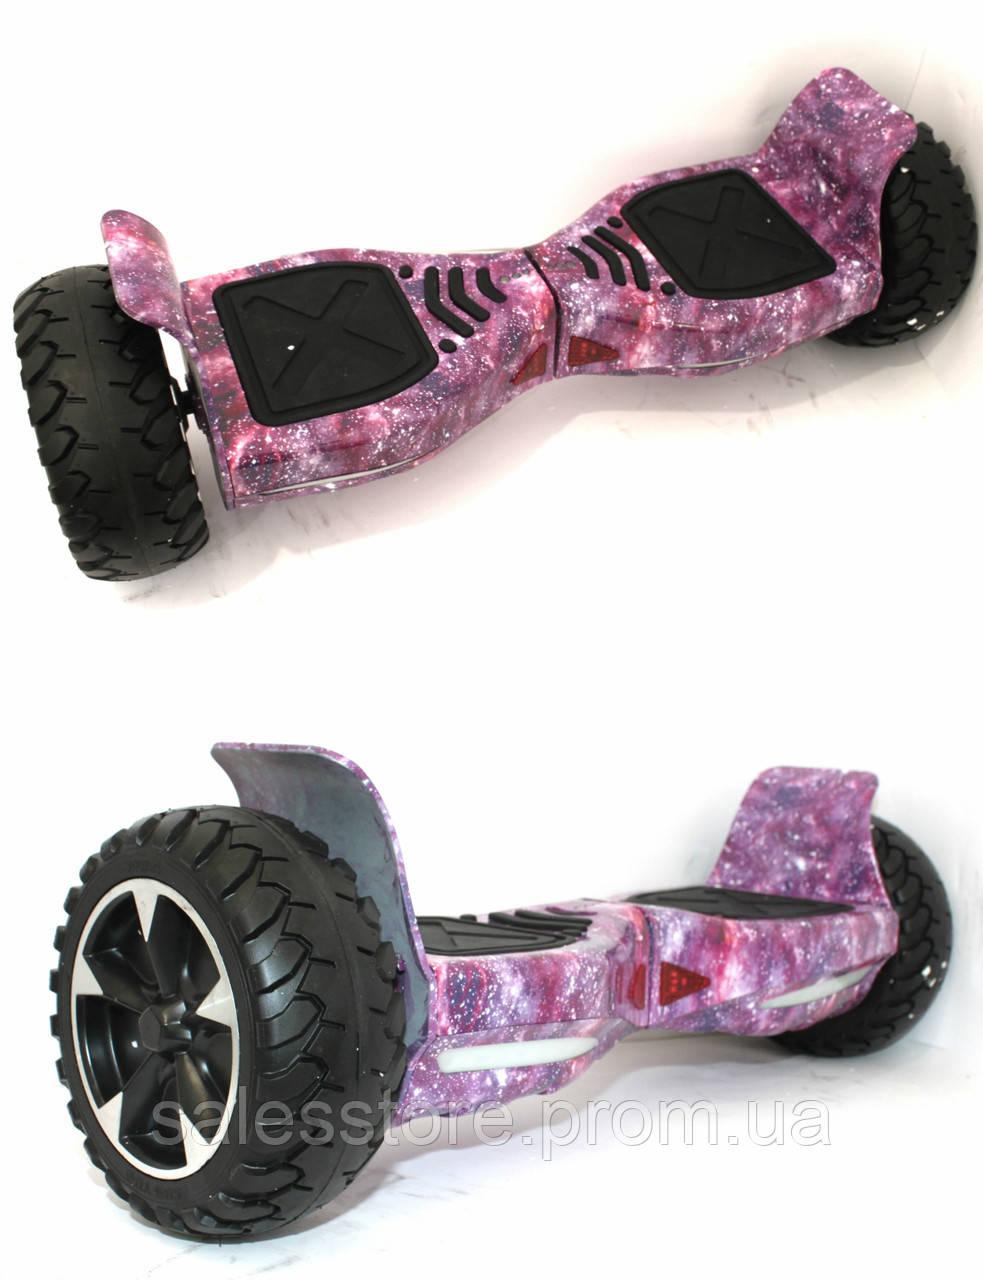 Внедорожник Hummer Р-8.5 (№10 Танос) фиолетовый граффити